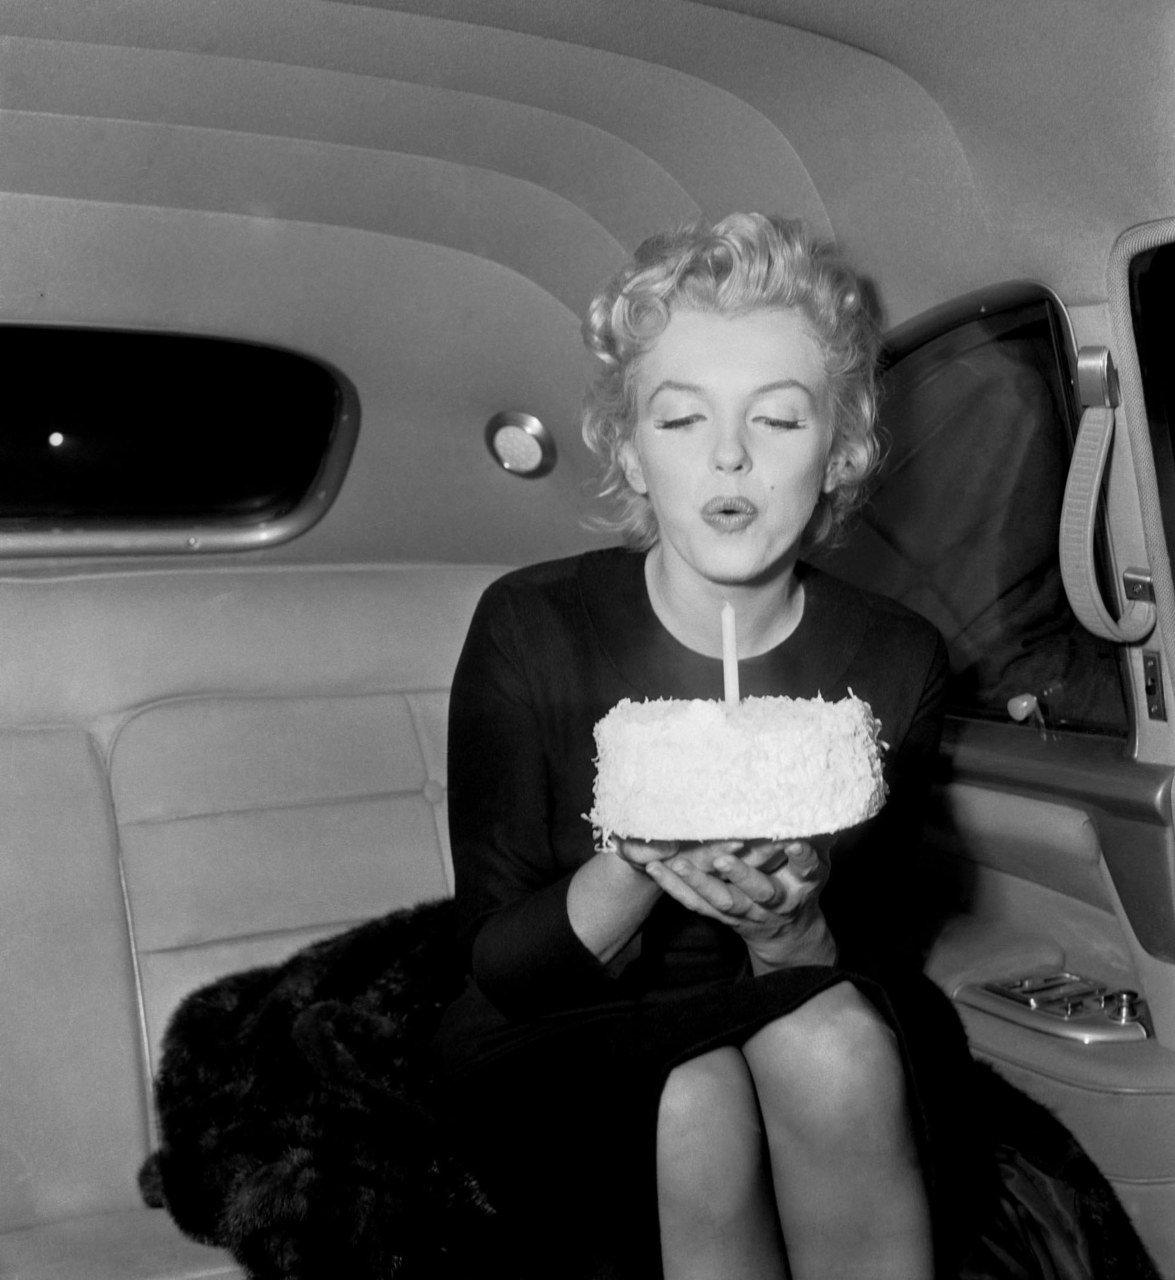 http://1.bp.blogspot.com/-NFqRGGOrBcc/TbxbSOmei5I/AAAAAAAAAc8/xehl6EXJbCA/s1600/Marilyn_Monroe_Birthday.jpg